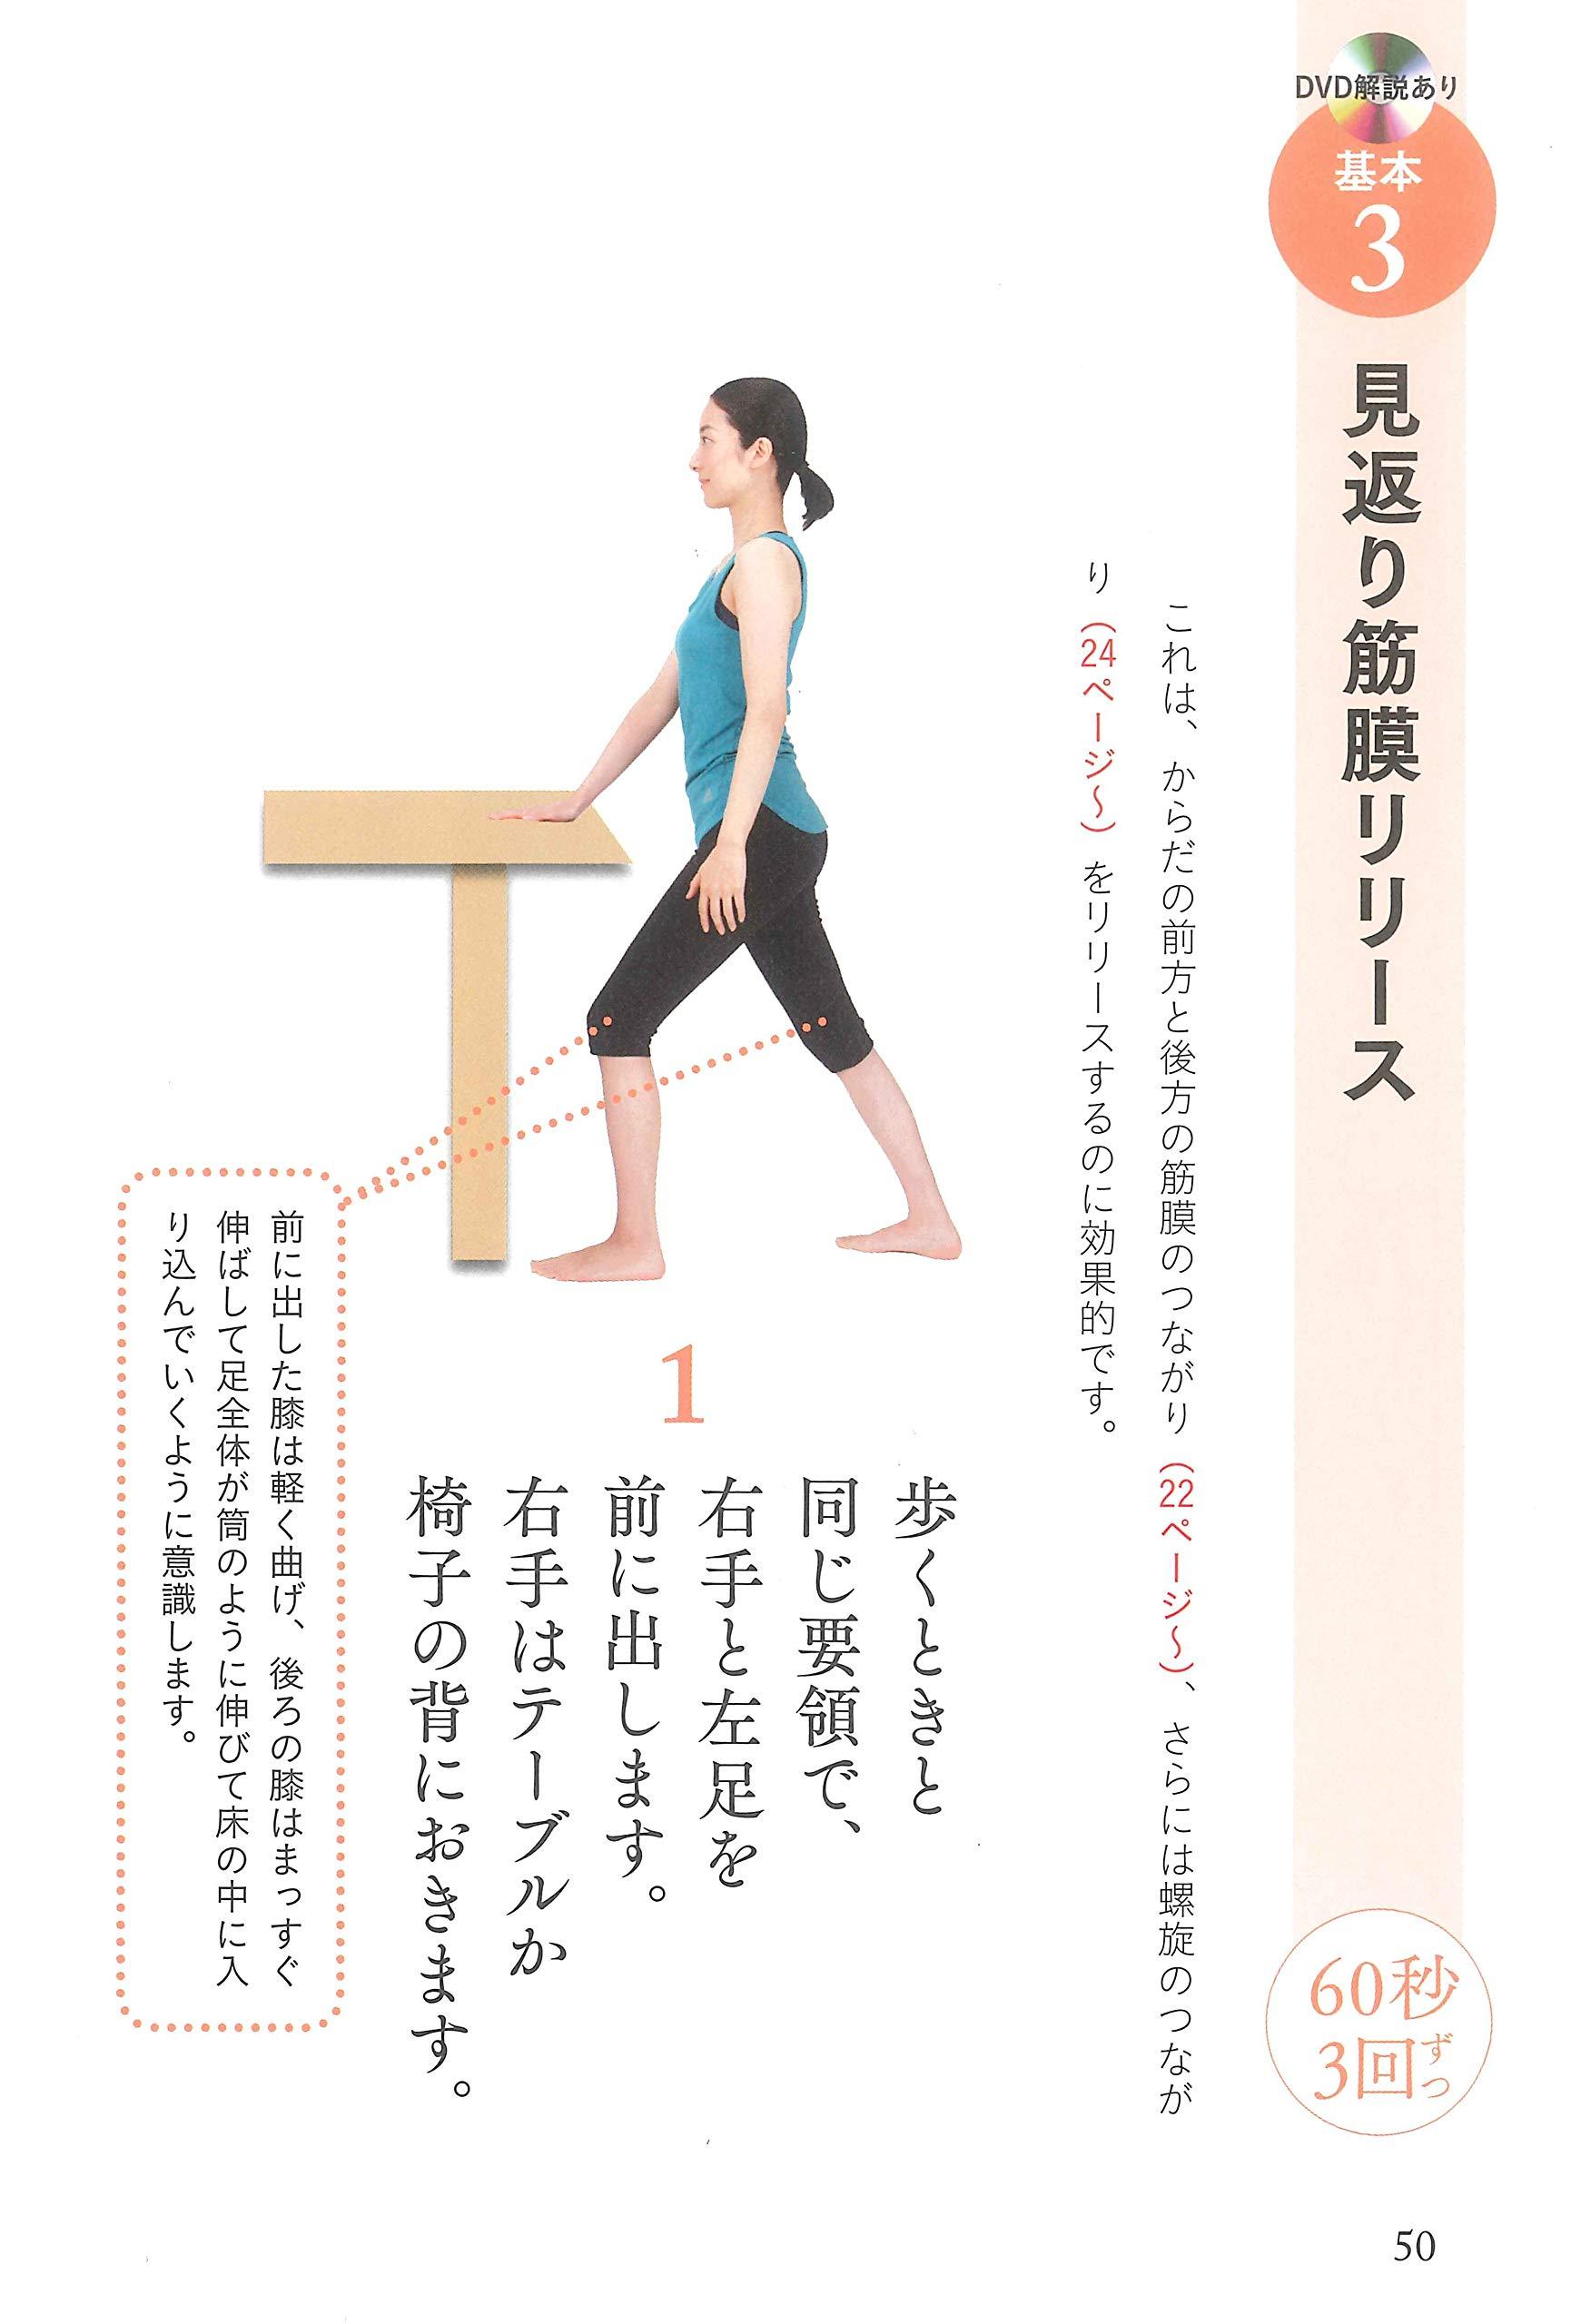 ガッテン リリース 筋 膜 ためして ガッテン!肩こり解消「筋膜リリース」【動画】(2015/09/09)